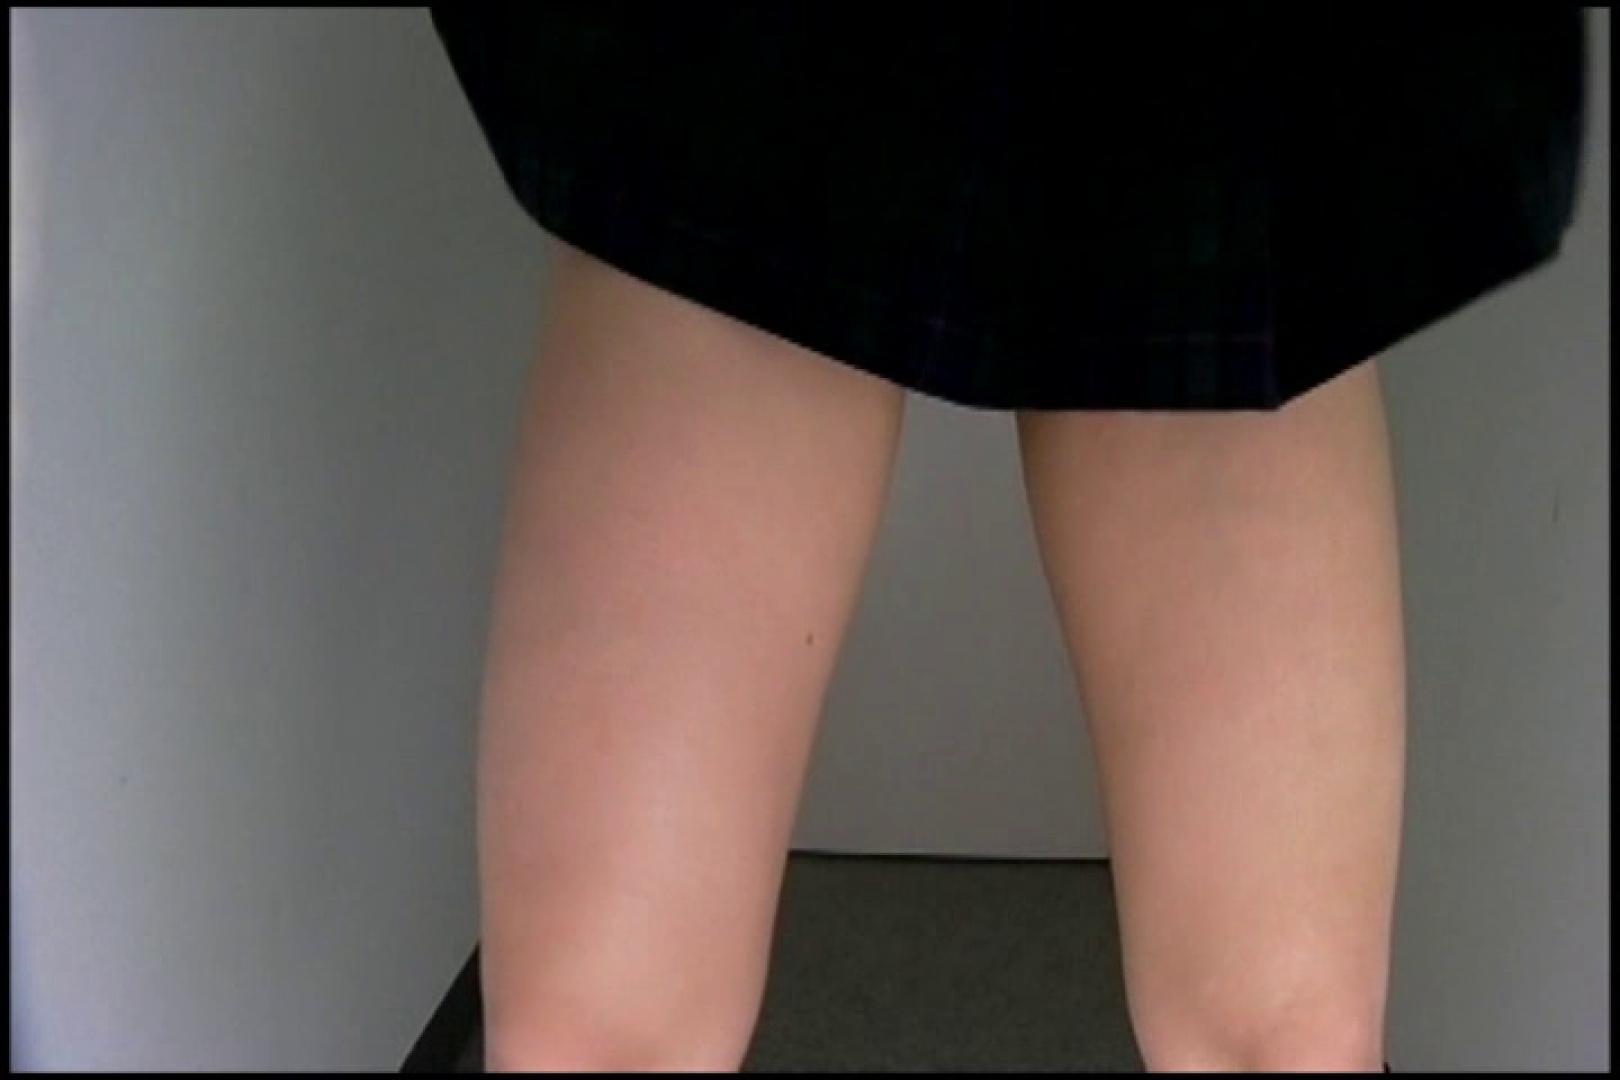 和式にまたがる女たちを待ちうけるカメラの衝撃映像vol.02 OLセックス 盗み撮りAV無料動画キャプチャ 83画像 56